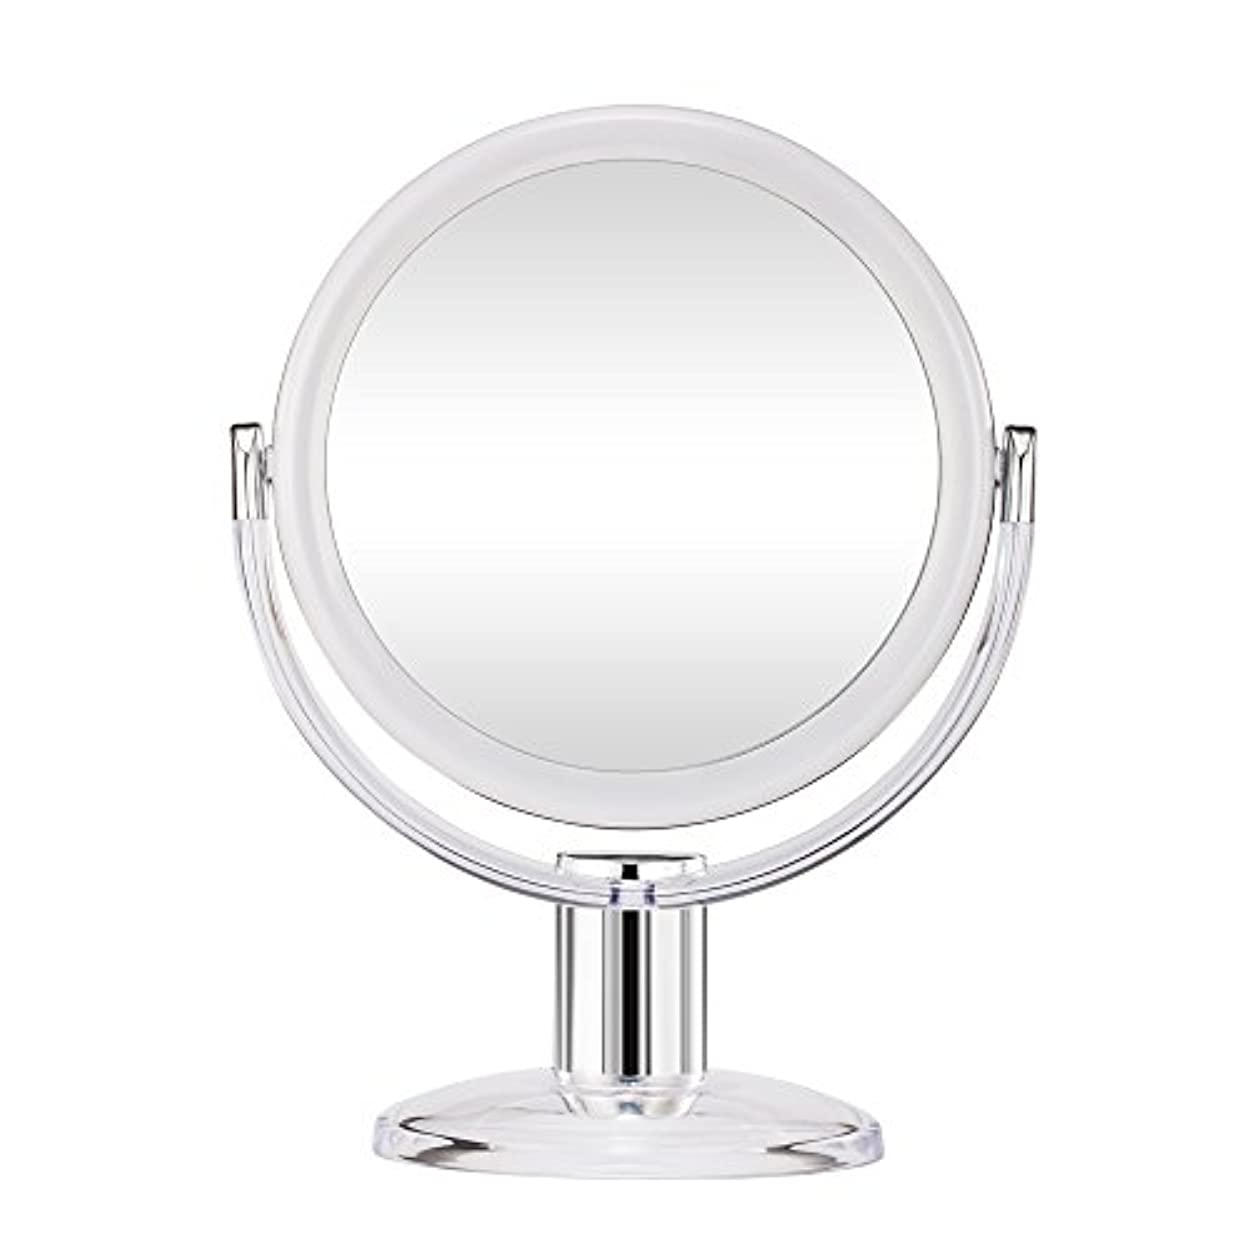 見えない読書をする検体Gotofine スタンドミラー 卓上鏡 両面鏡 10倍と等倍 透明 アクリル樹脂 おしゃれ 円型